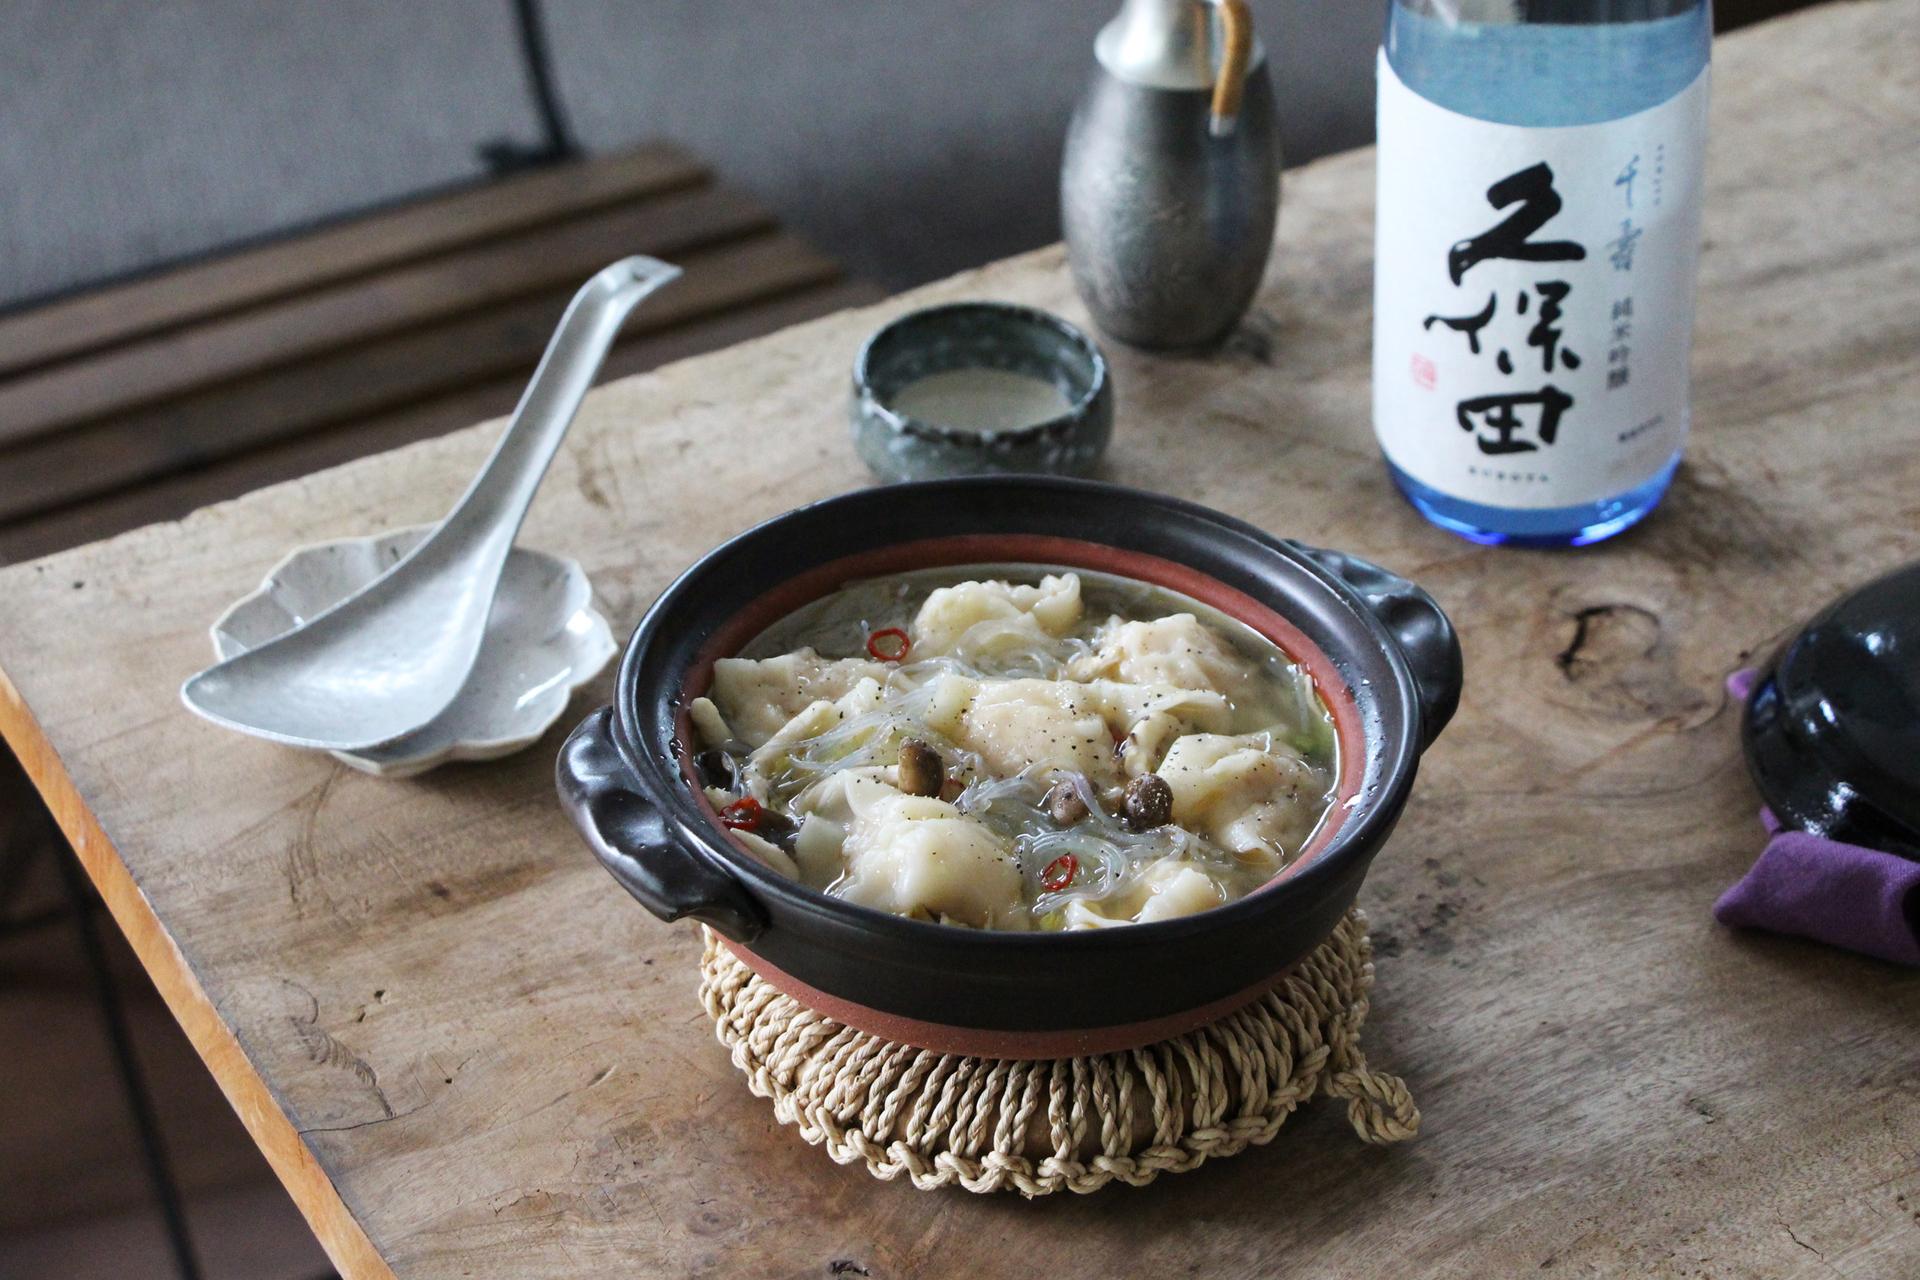 日本酒をもっと楽しむおつまみレシピ|海鮮水餃子鍋